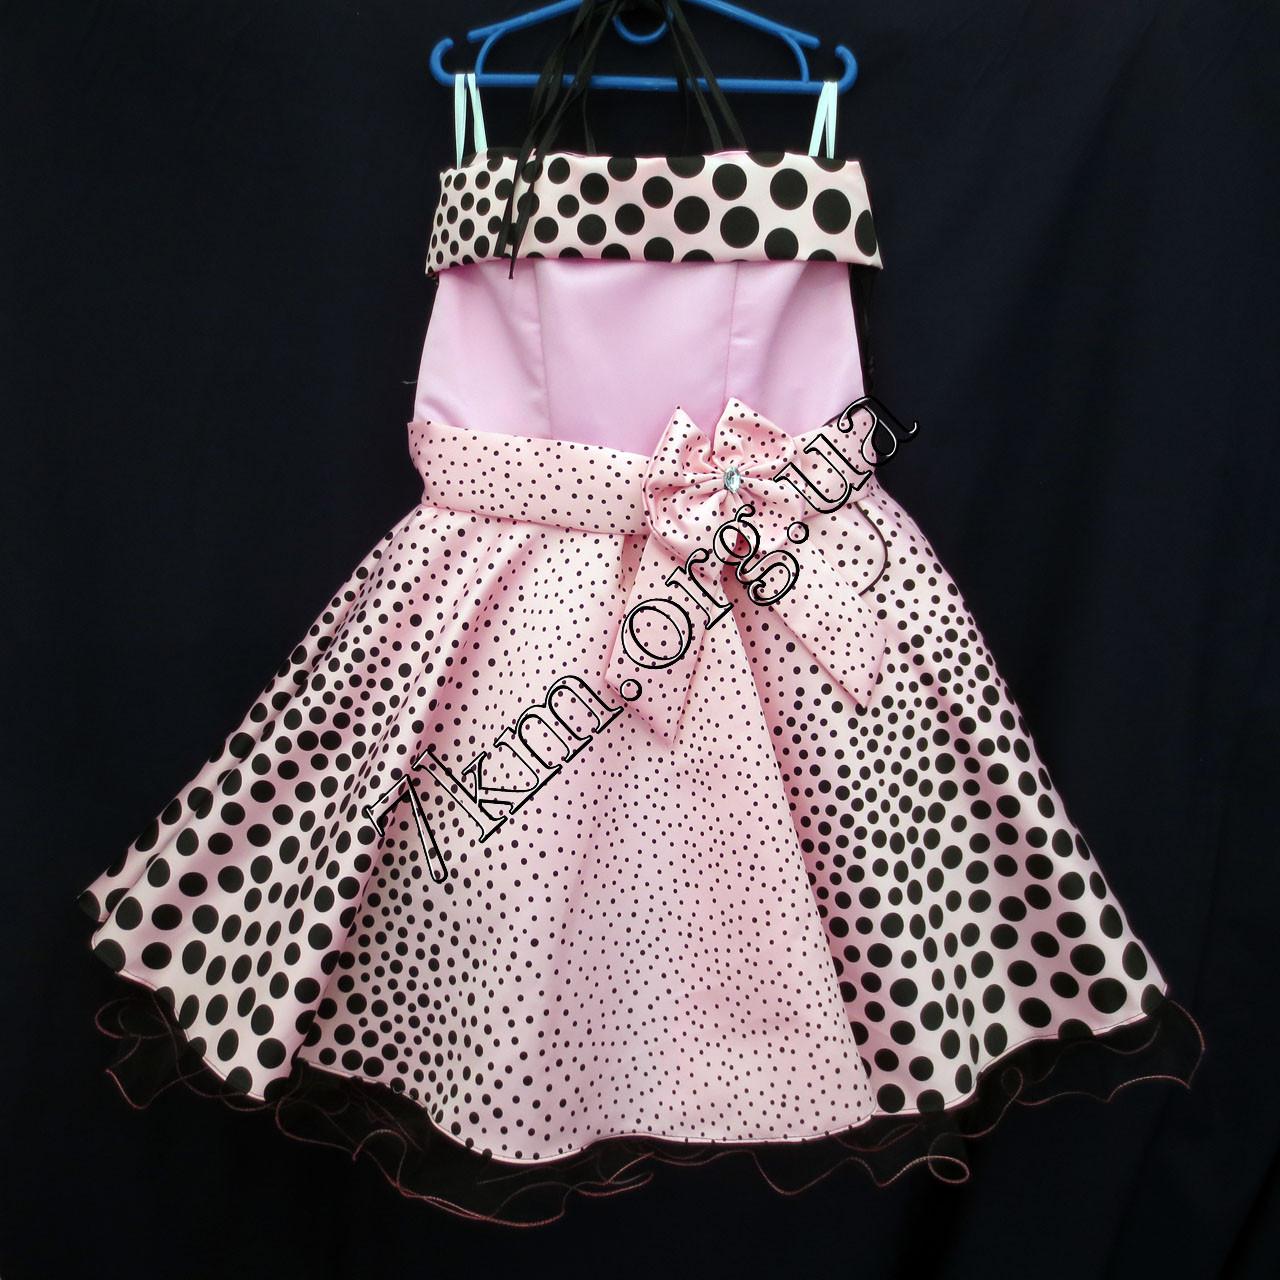 Платье нарядное бальное детское 10 лет Модница горох  Украина оптом.